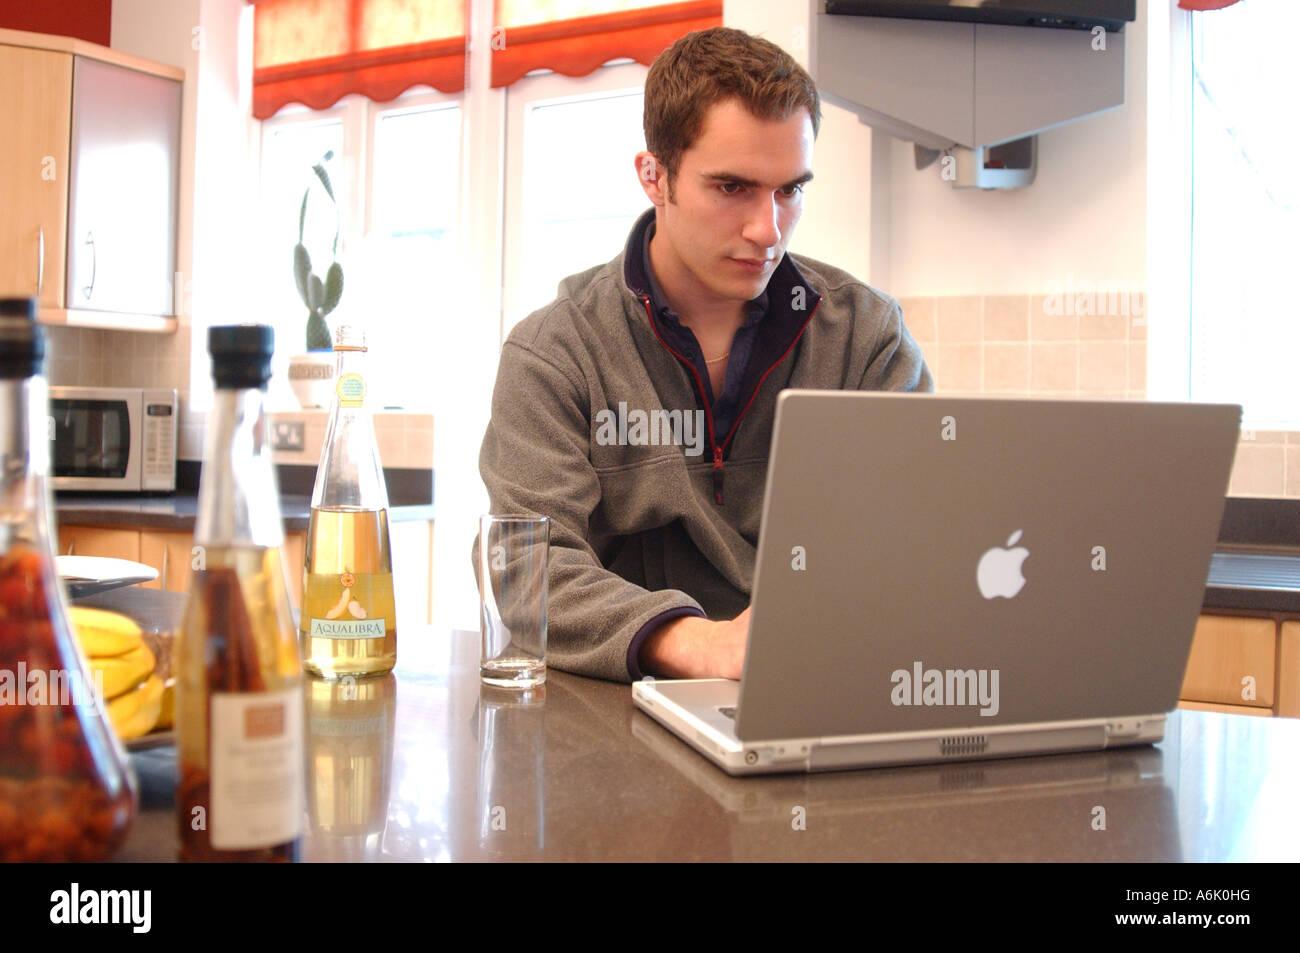 Hombre De Negocios Británico El Trabajo Remoto Desde Casa London Uk Con Apple Mac Portátil Fotografía De Stock Alamy